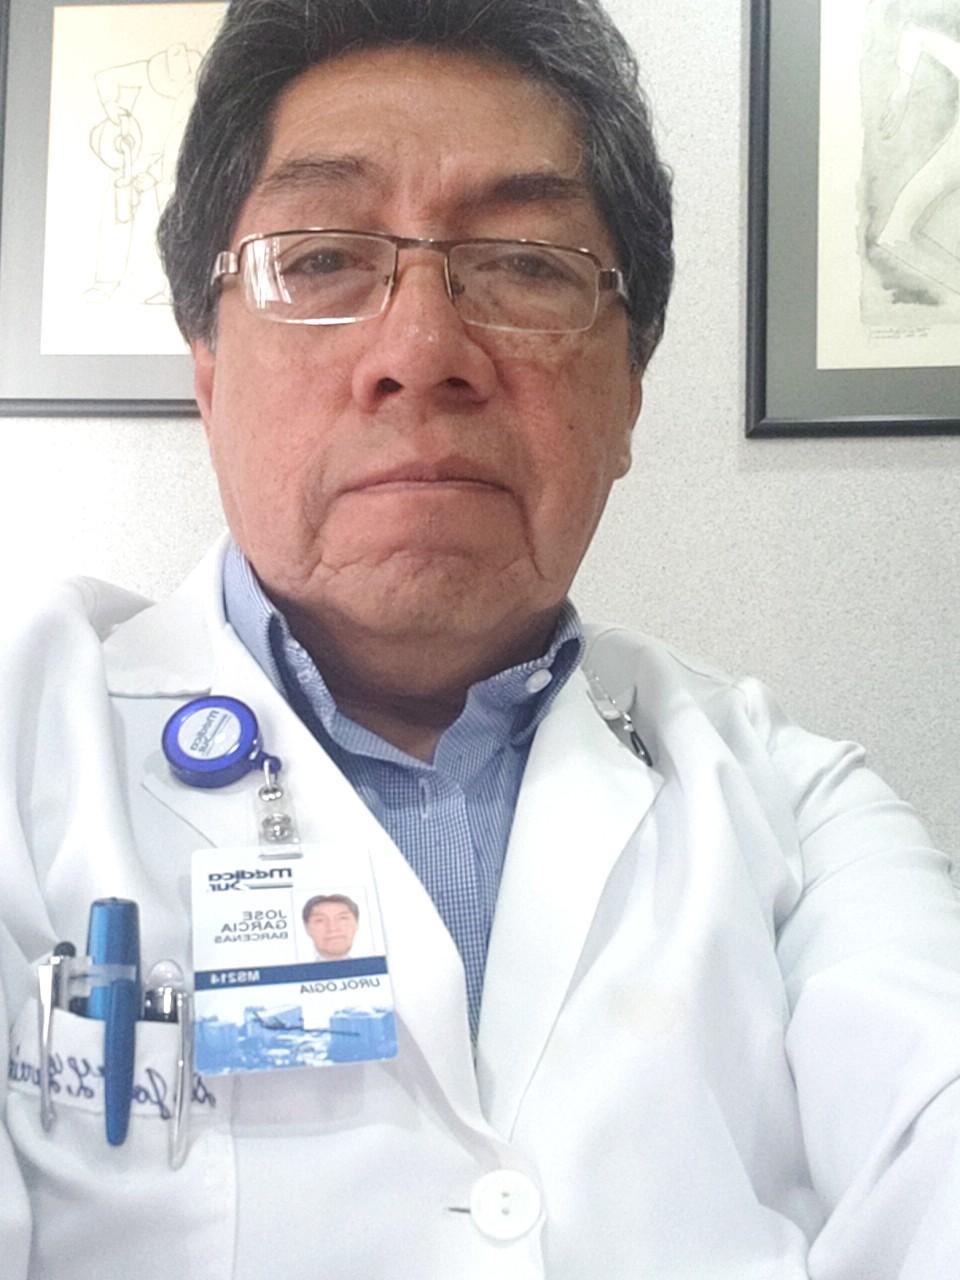 JOSE LUIS GARCIA BARCENAS